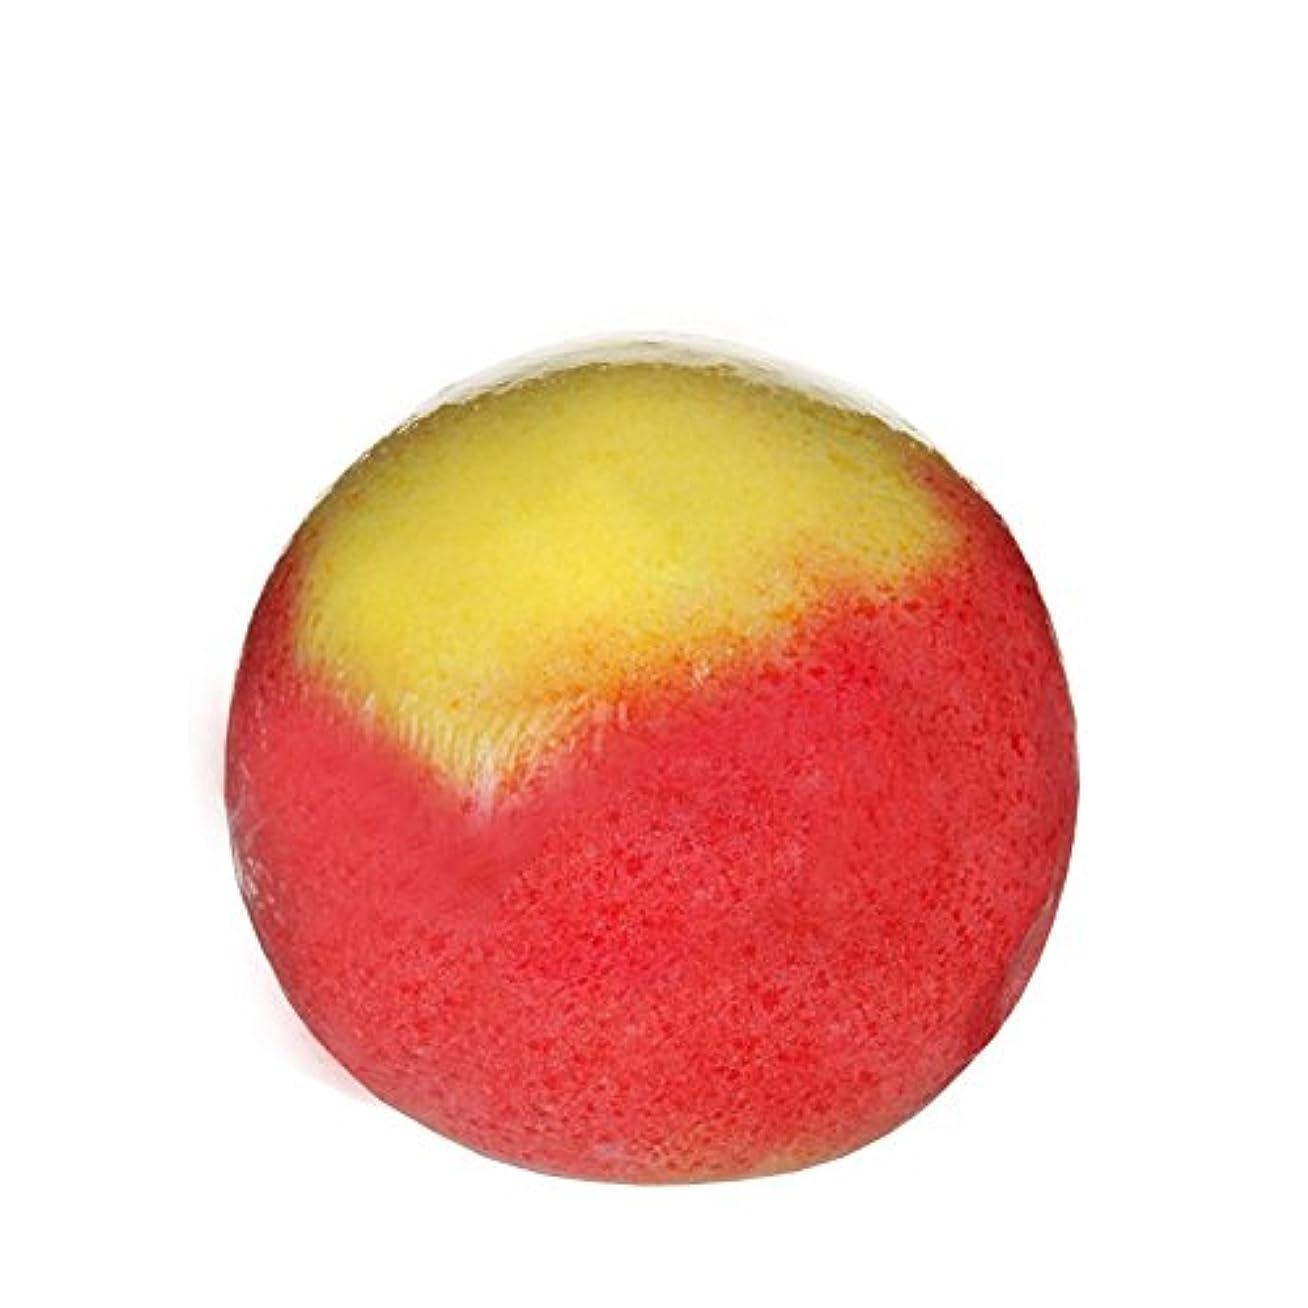 復活する正しい半島Treetsバスボールカラーパーティー170グラム - Treets Bath Ball Colour Party 170g (Treets) [並行輸入品]